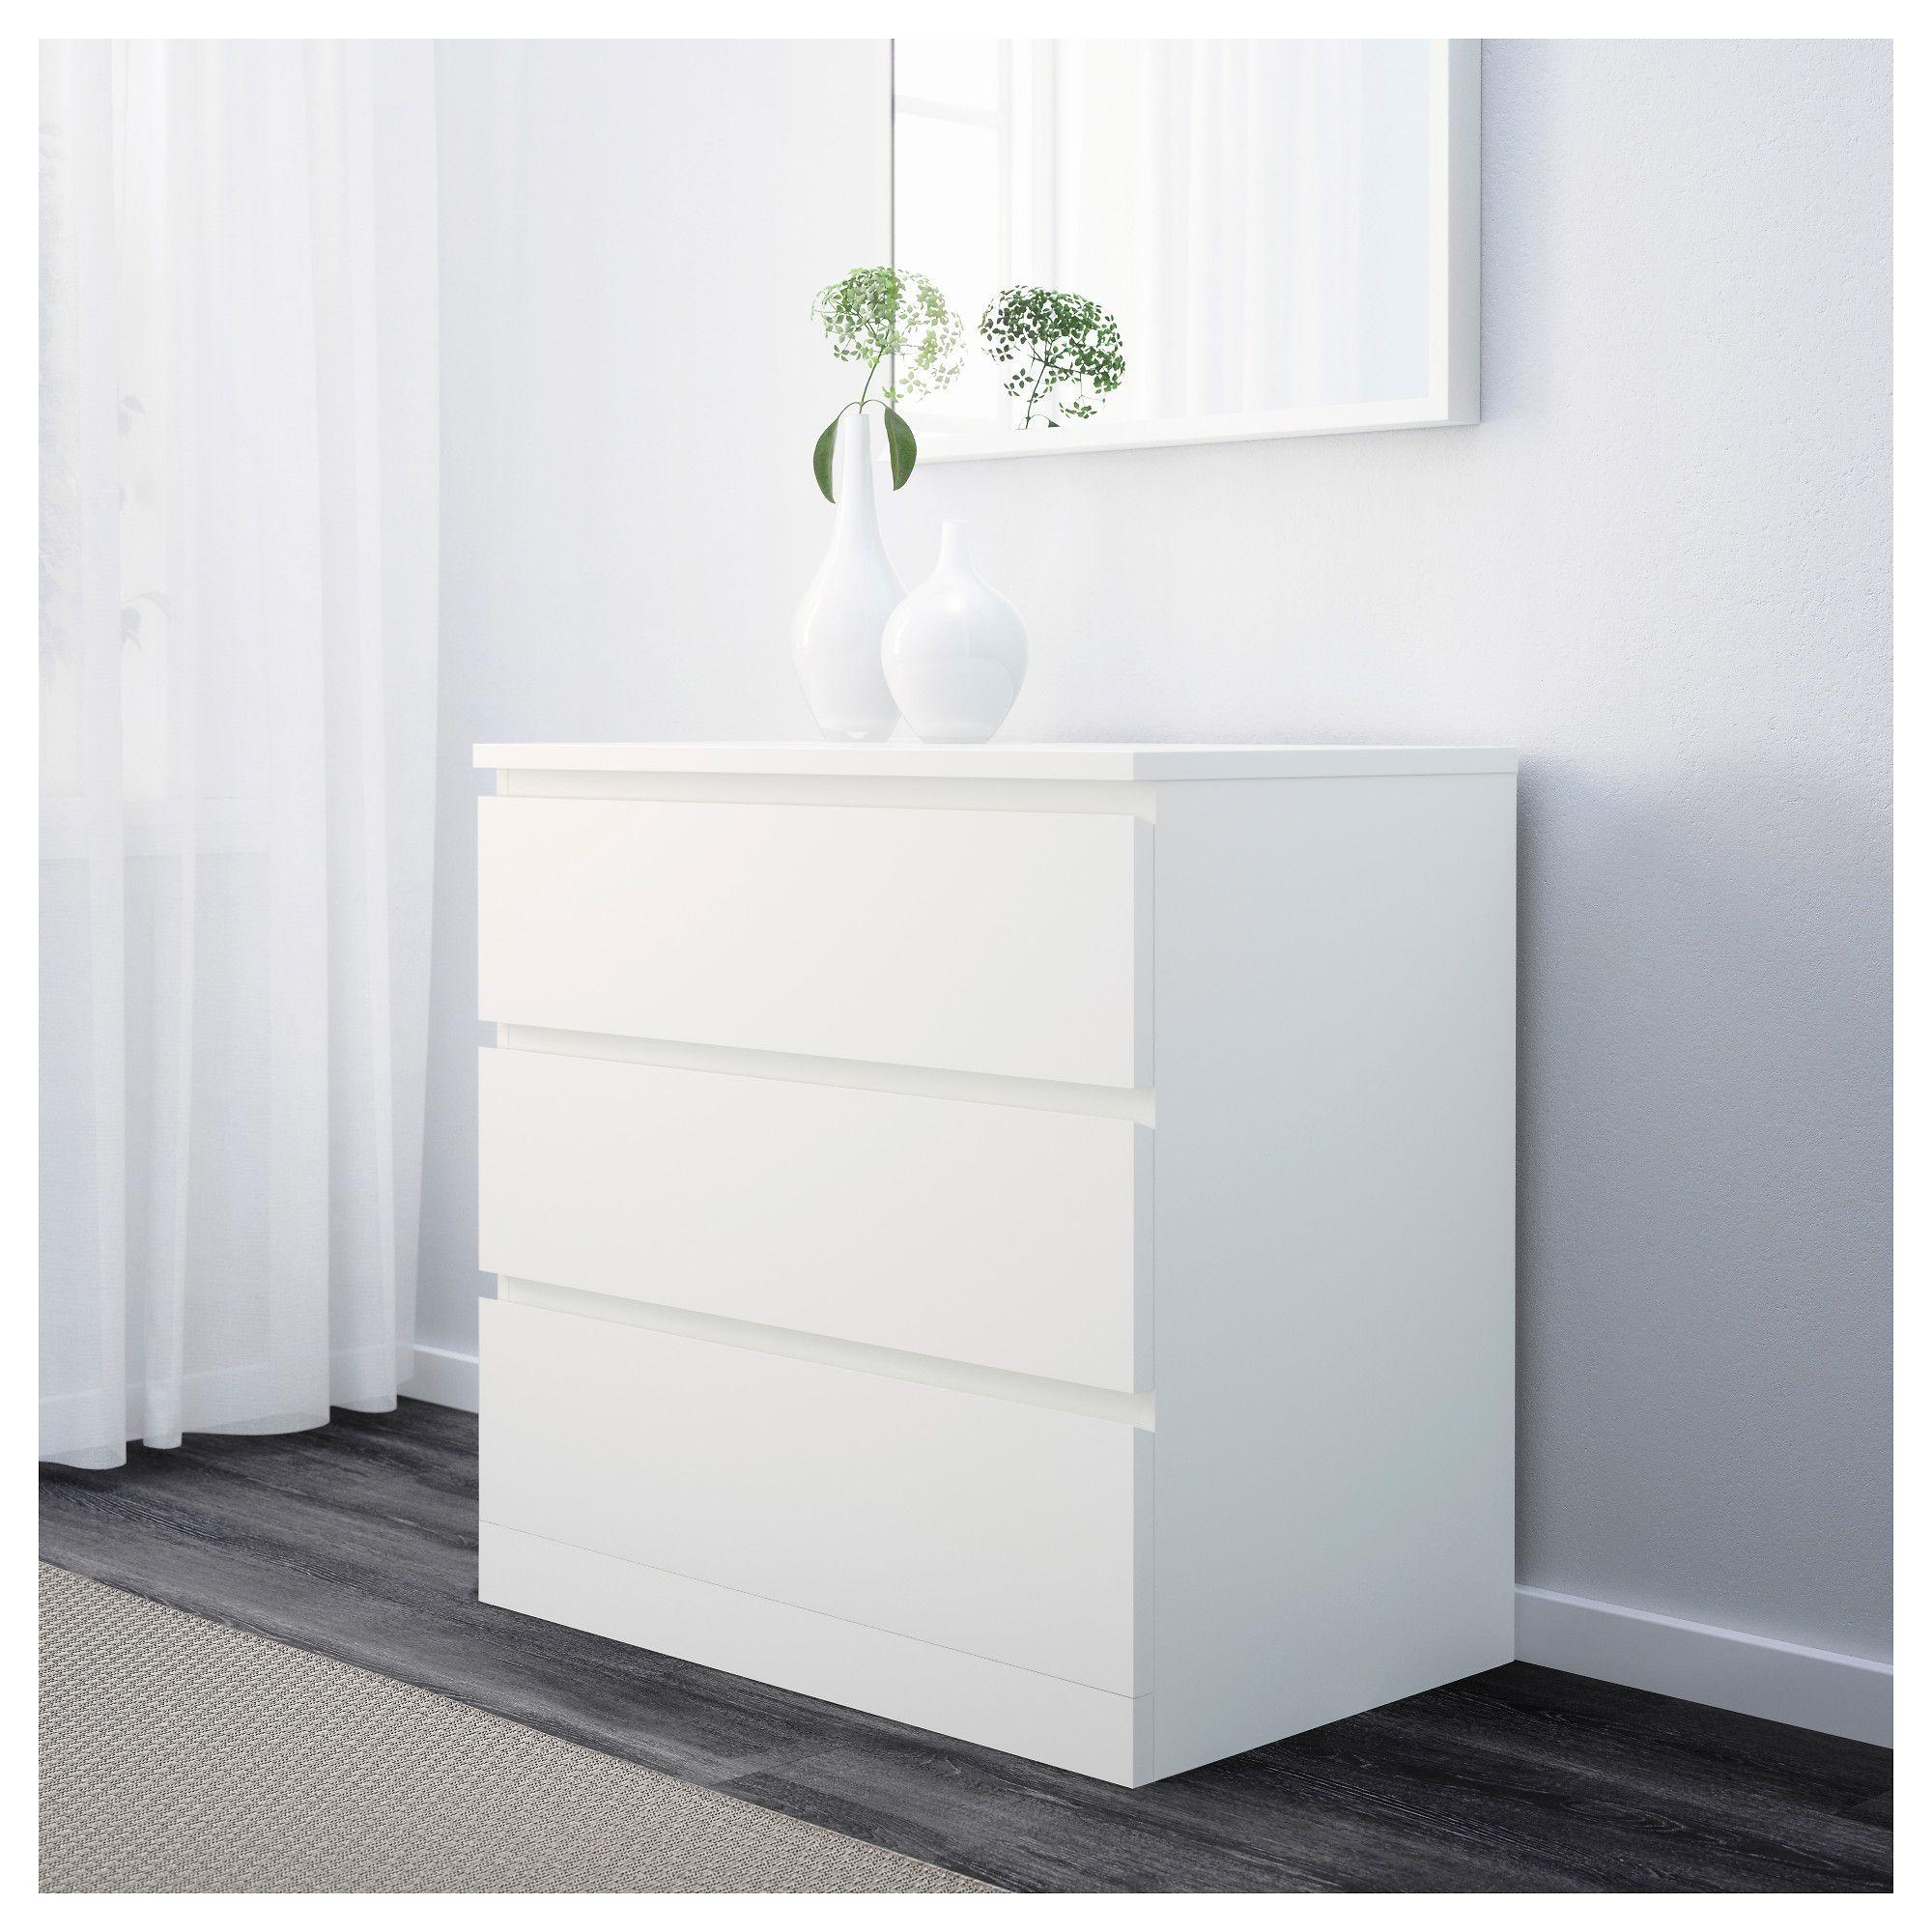 Malm 3 Drawer Chest White Ikea White Furniture Furniture Malm